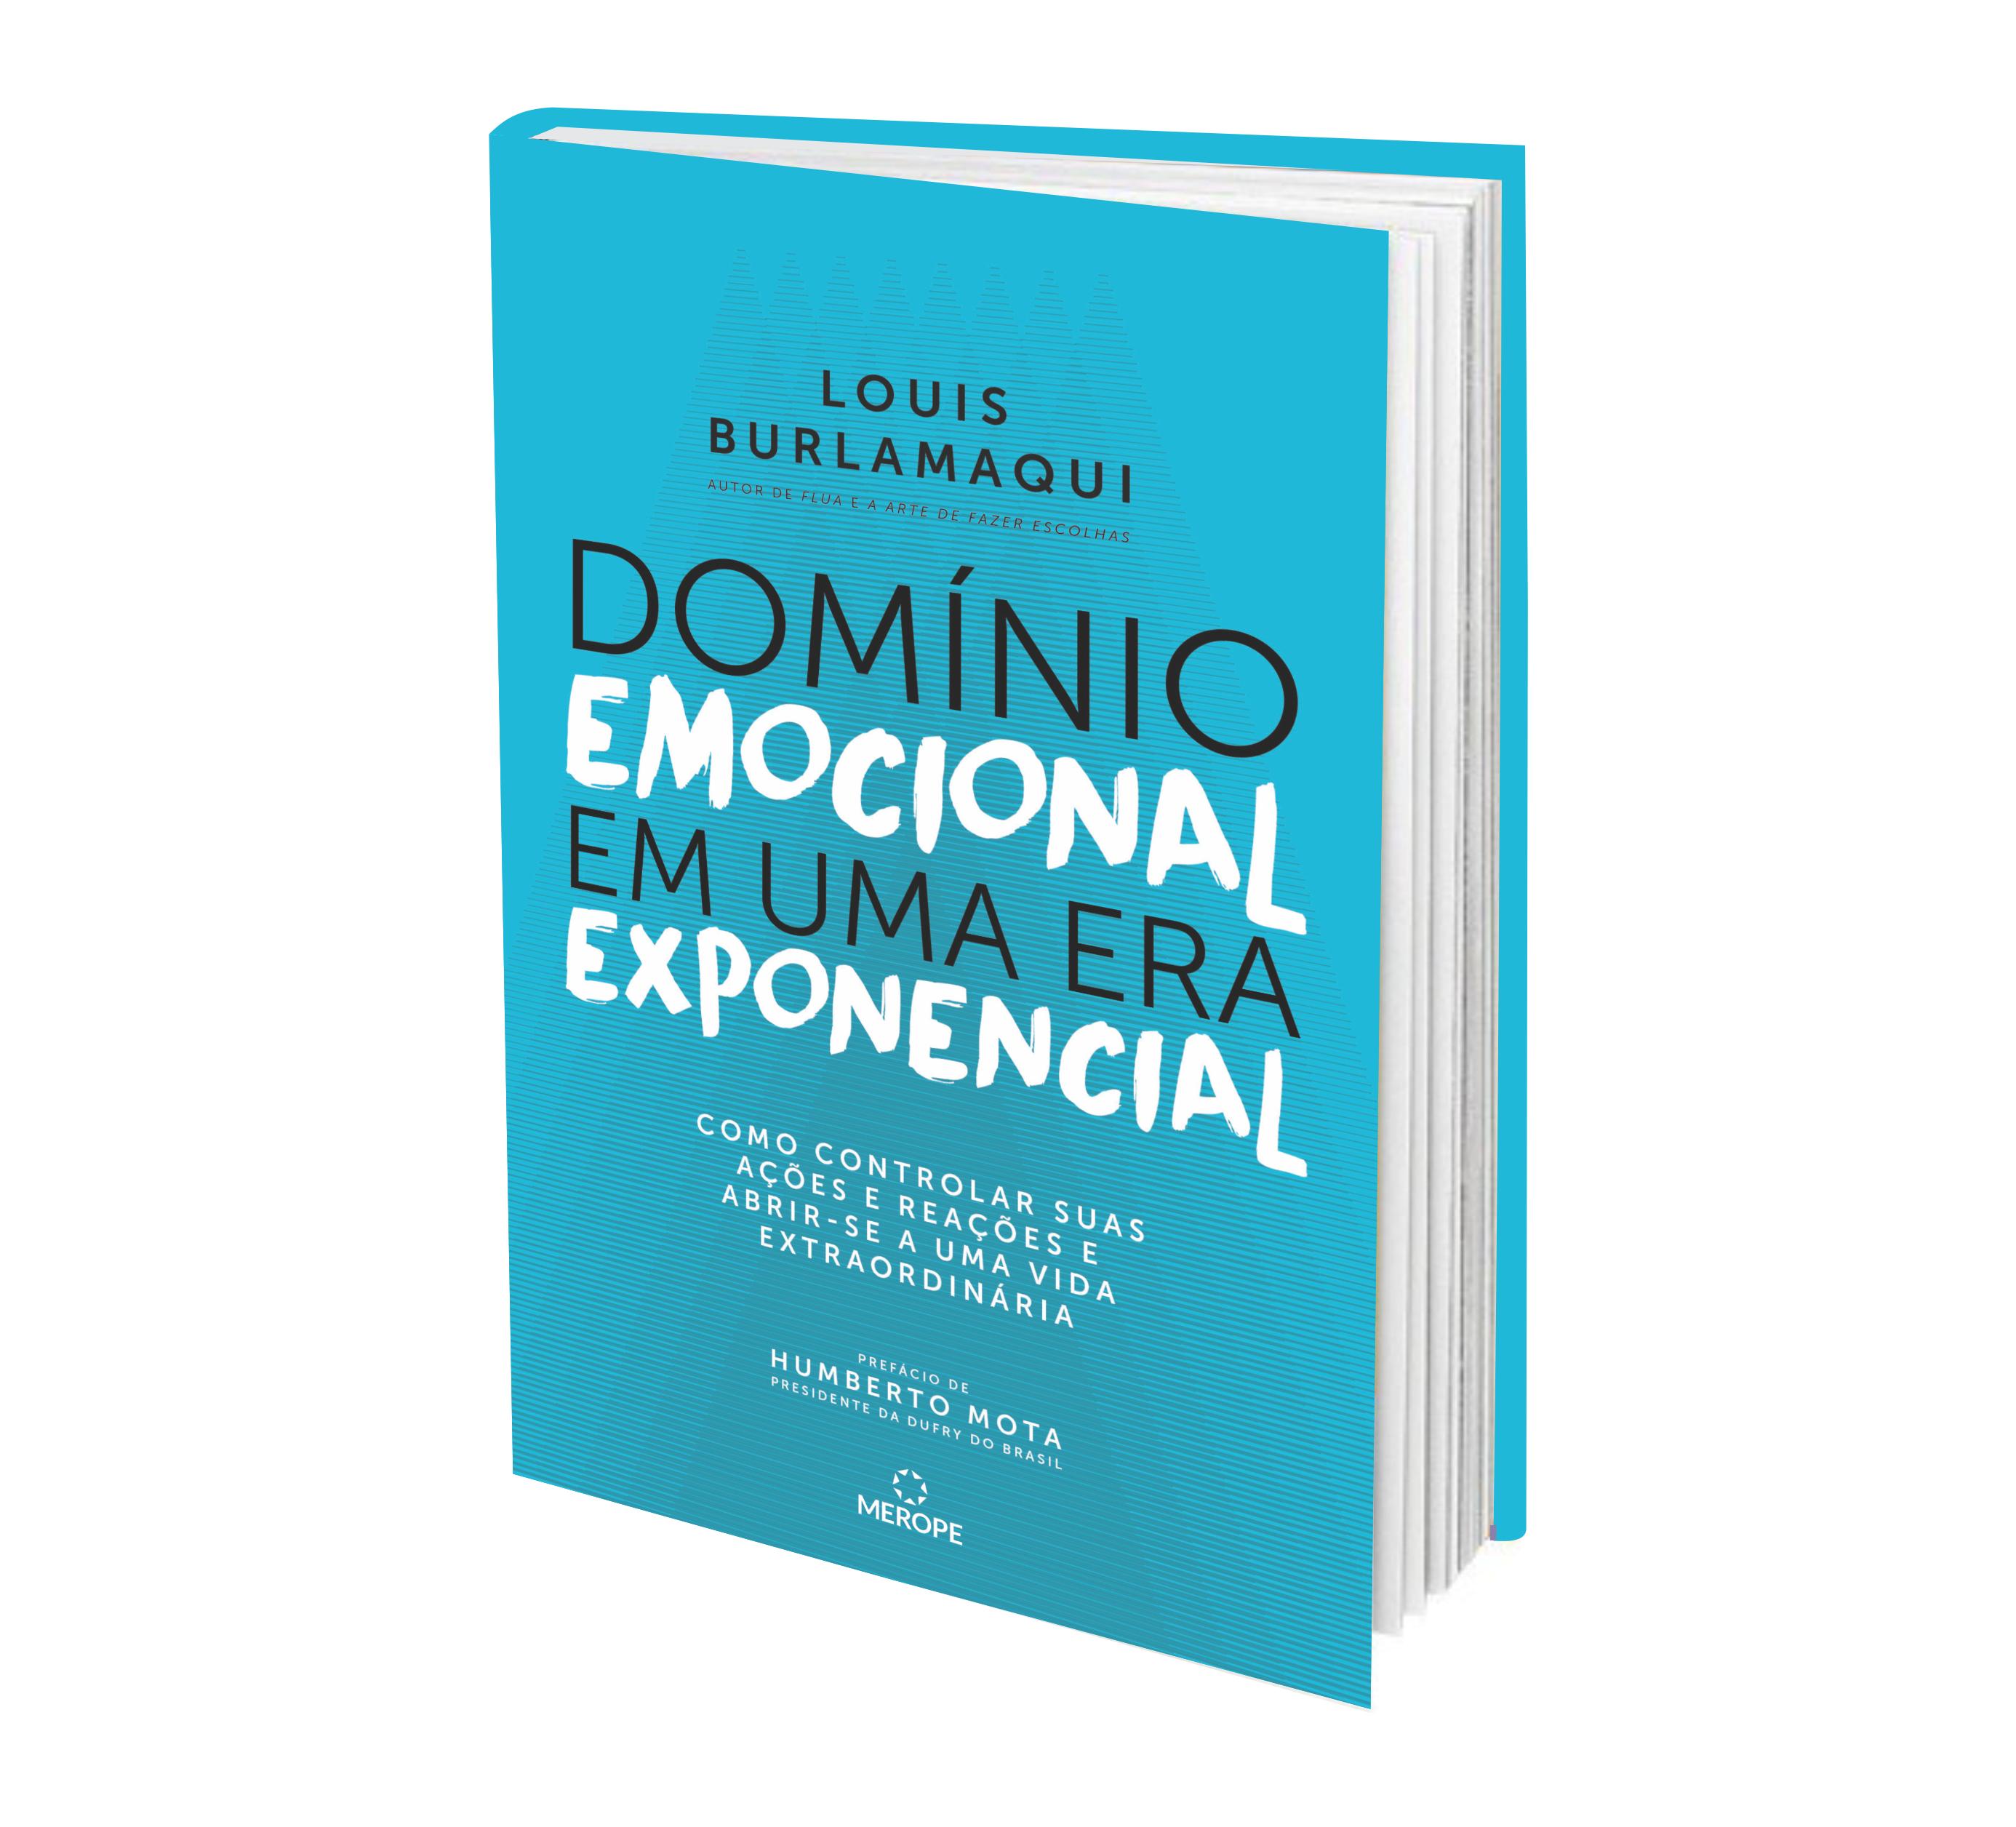 DOMÍNIO EMOCIONAL EM UMA ERA EXPONENCIAL - VERSÃO IMPRESSA